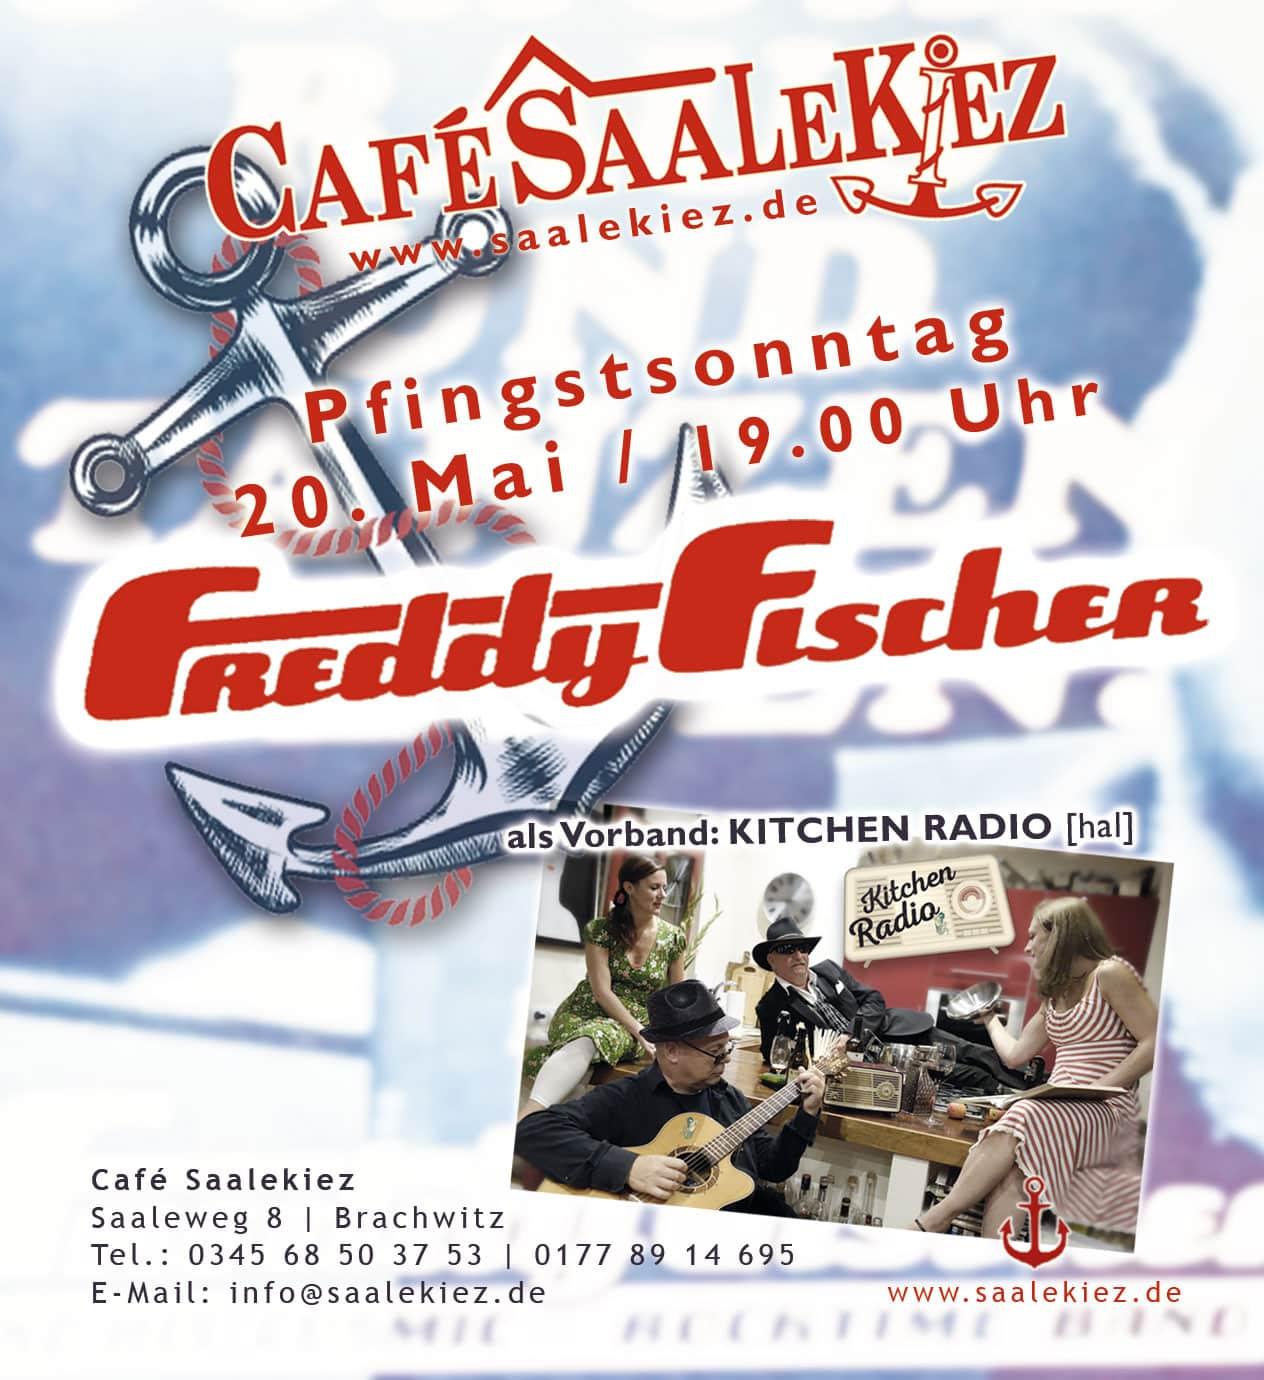 Kitchen Radio als Support von Freddy Fischer im Saalekiez